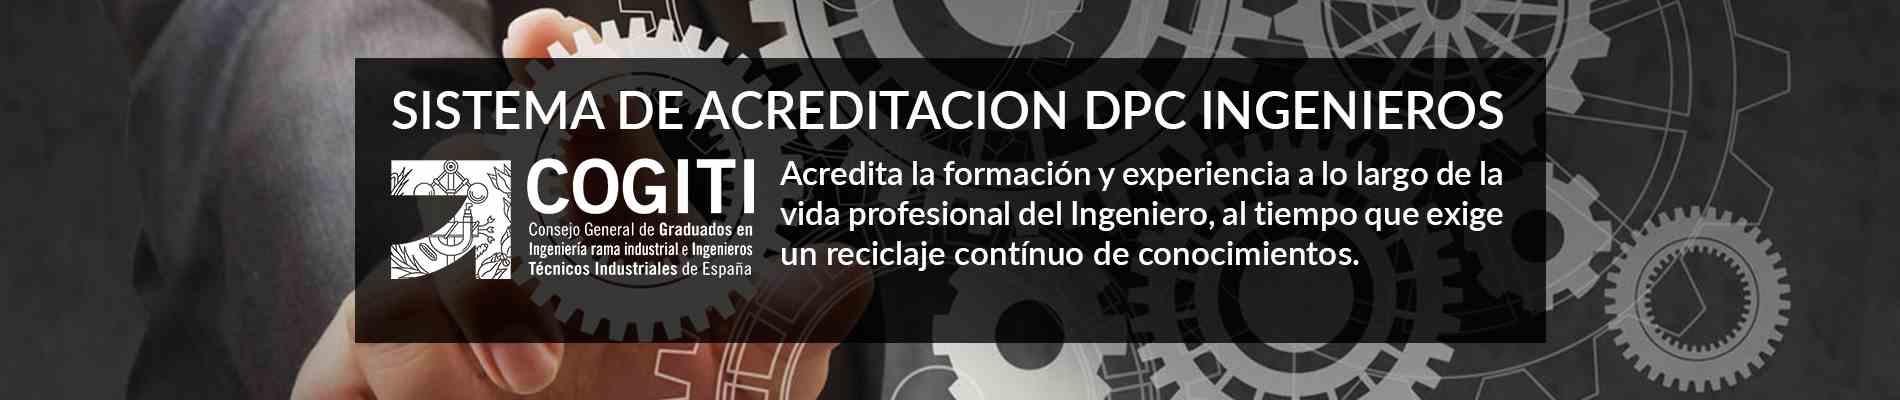 Acreditación Profesional COGITI DPC